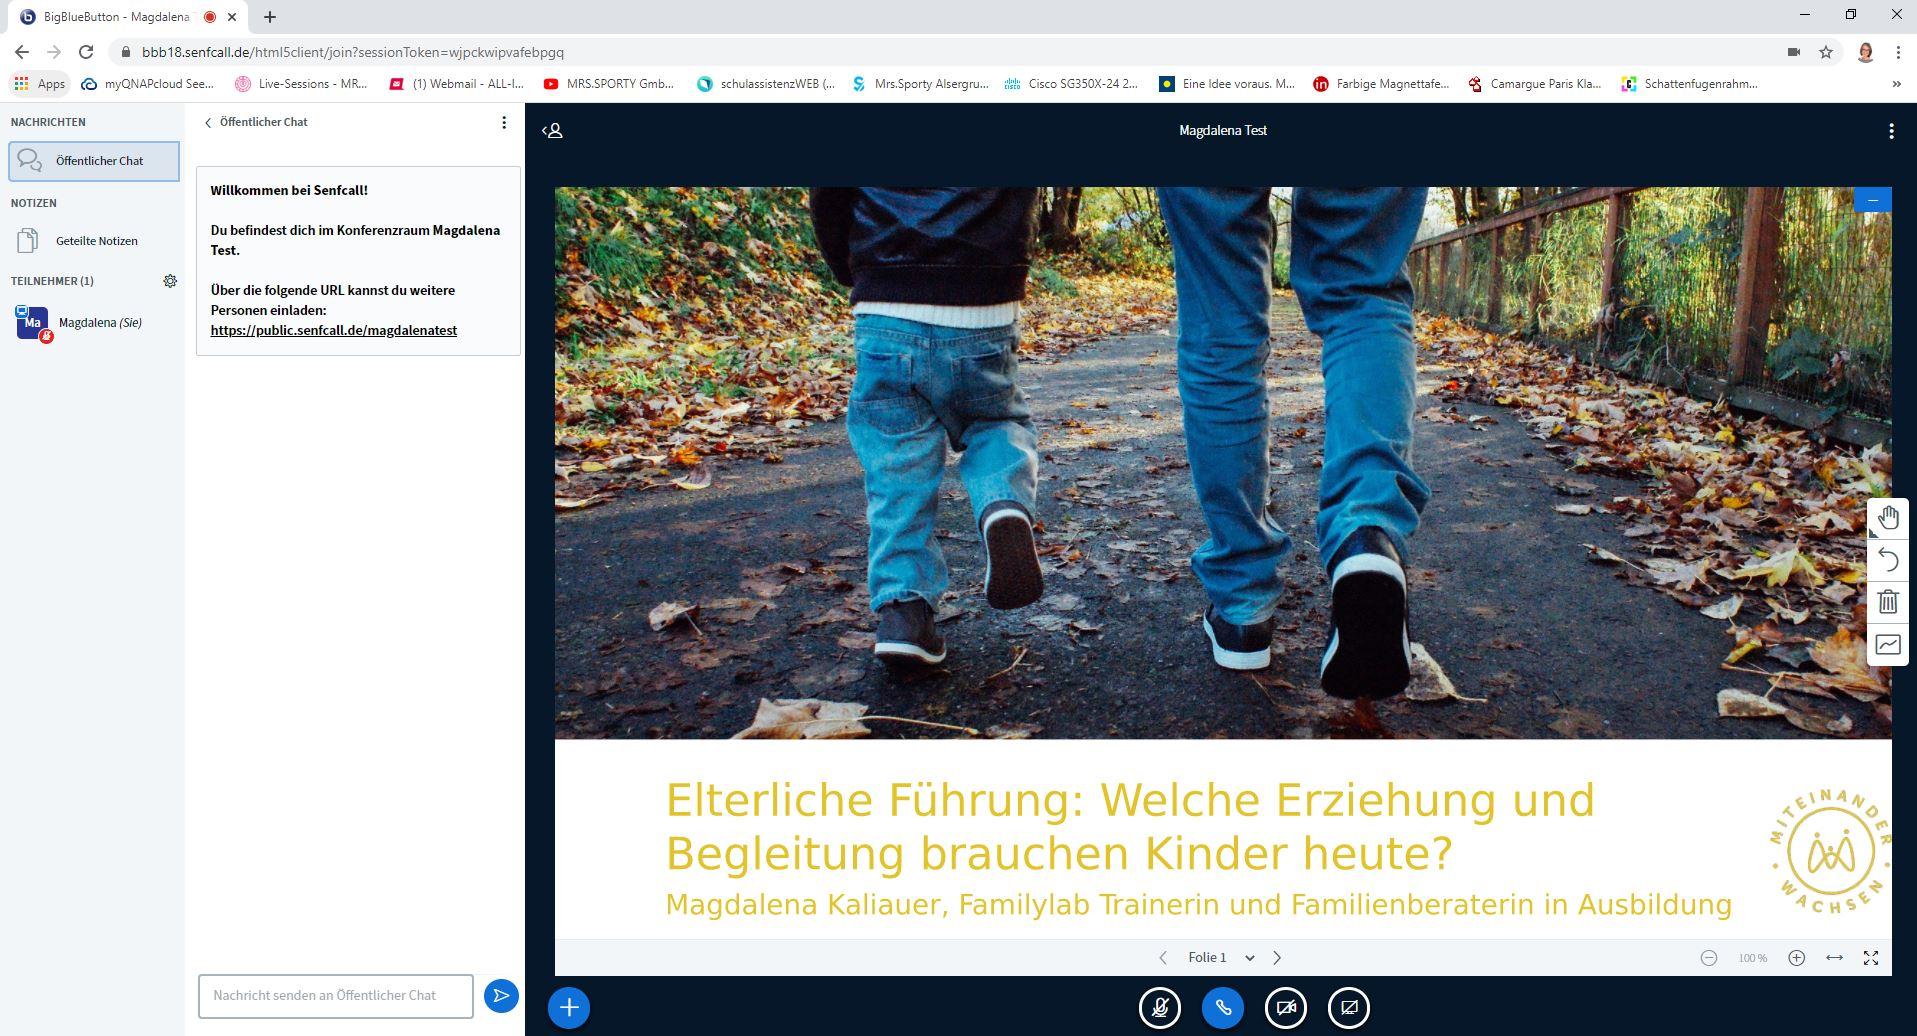 Online Vortrag für Eltern von Magdalena Kaliauer